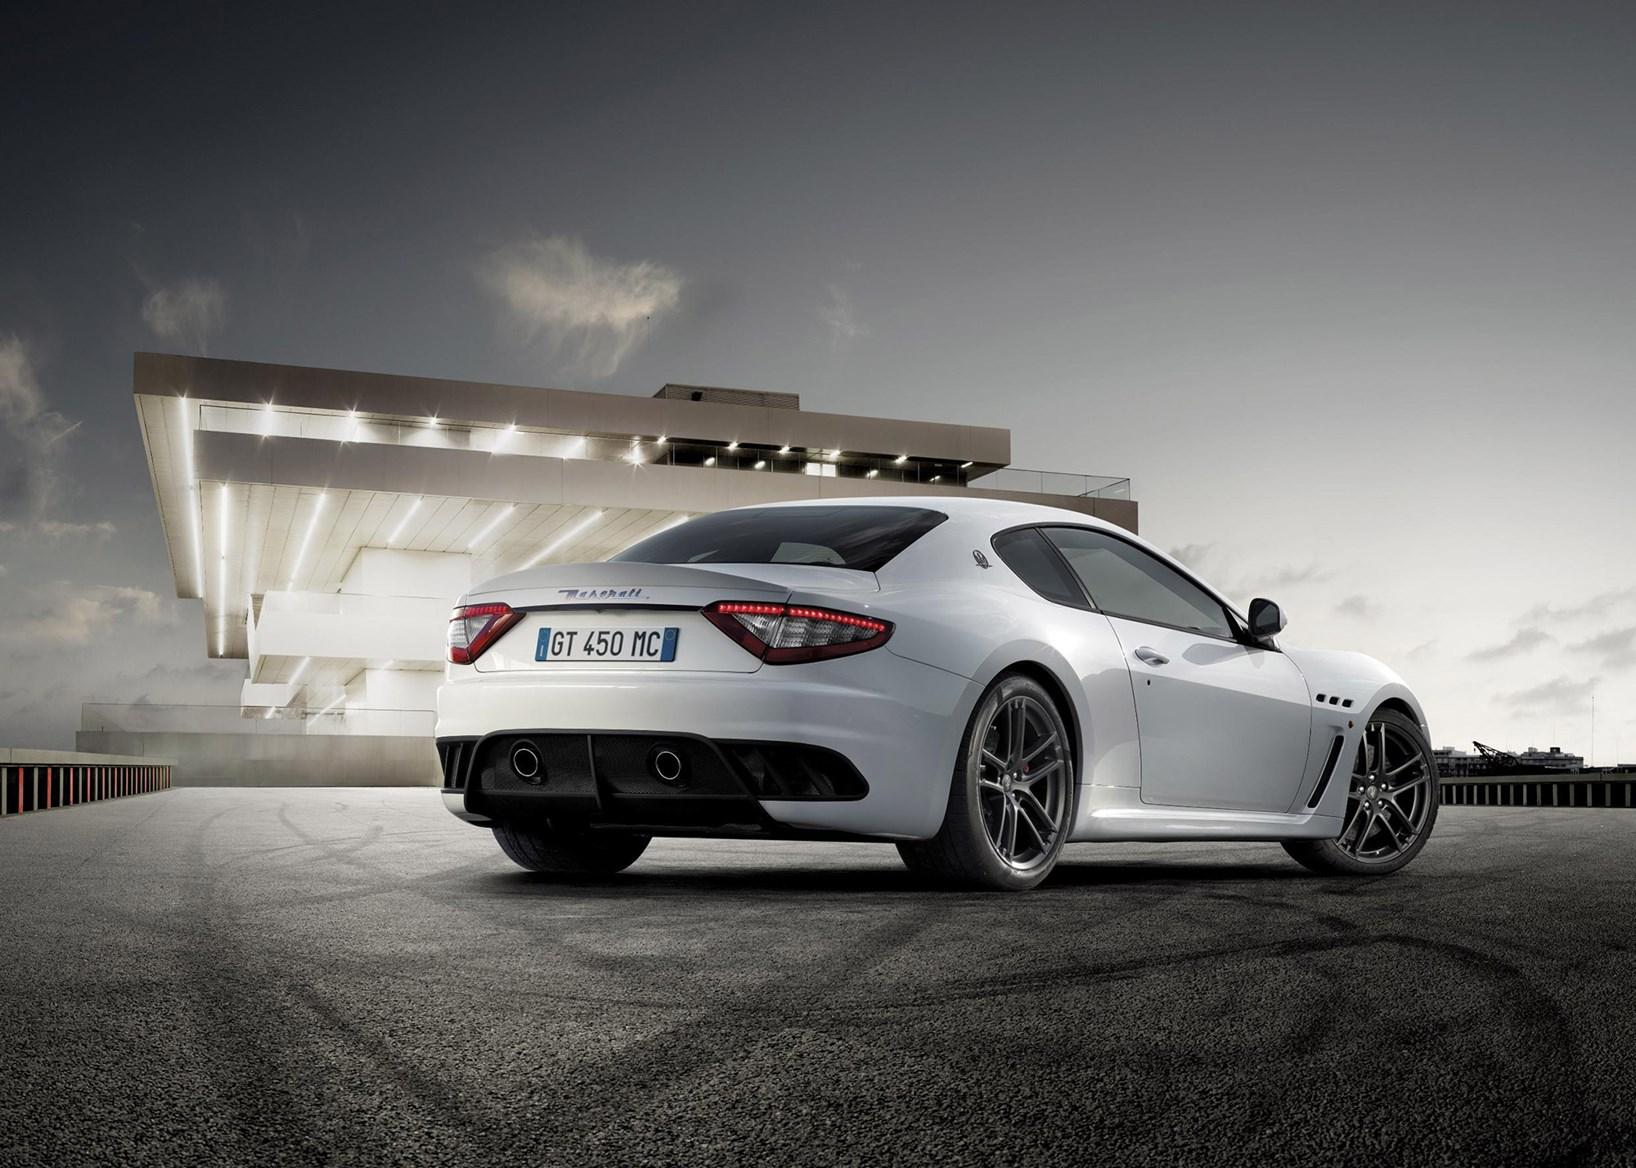 El nuevo Maserati GranTurismo debutará en 2020 con grandes cambios